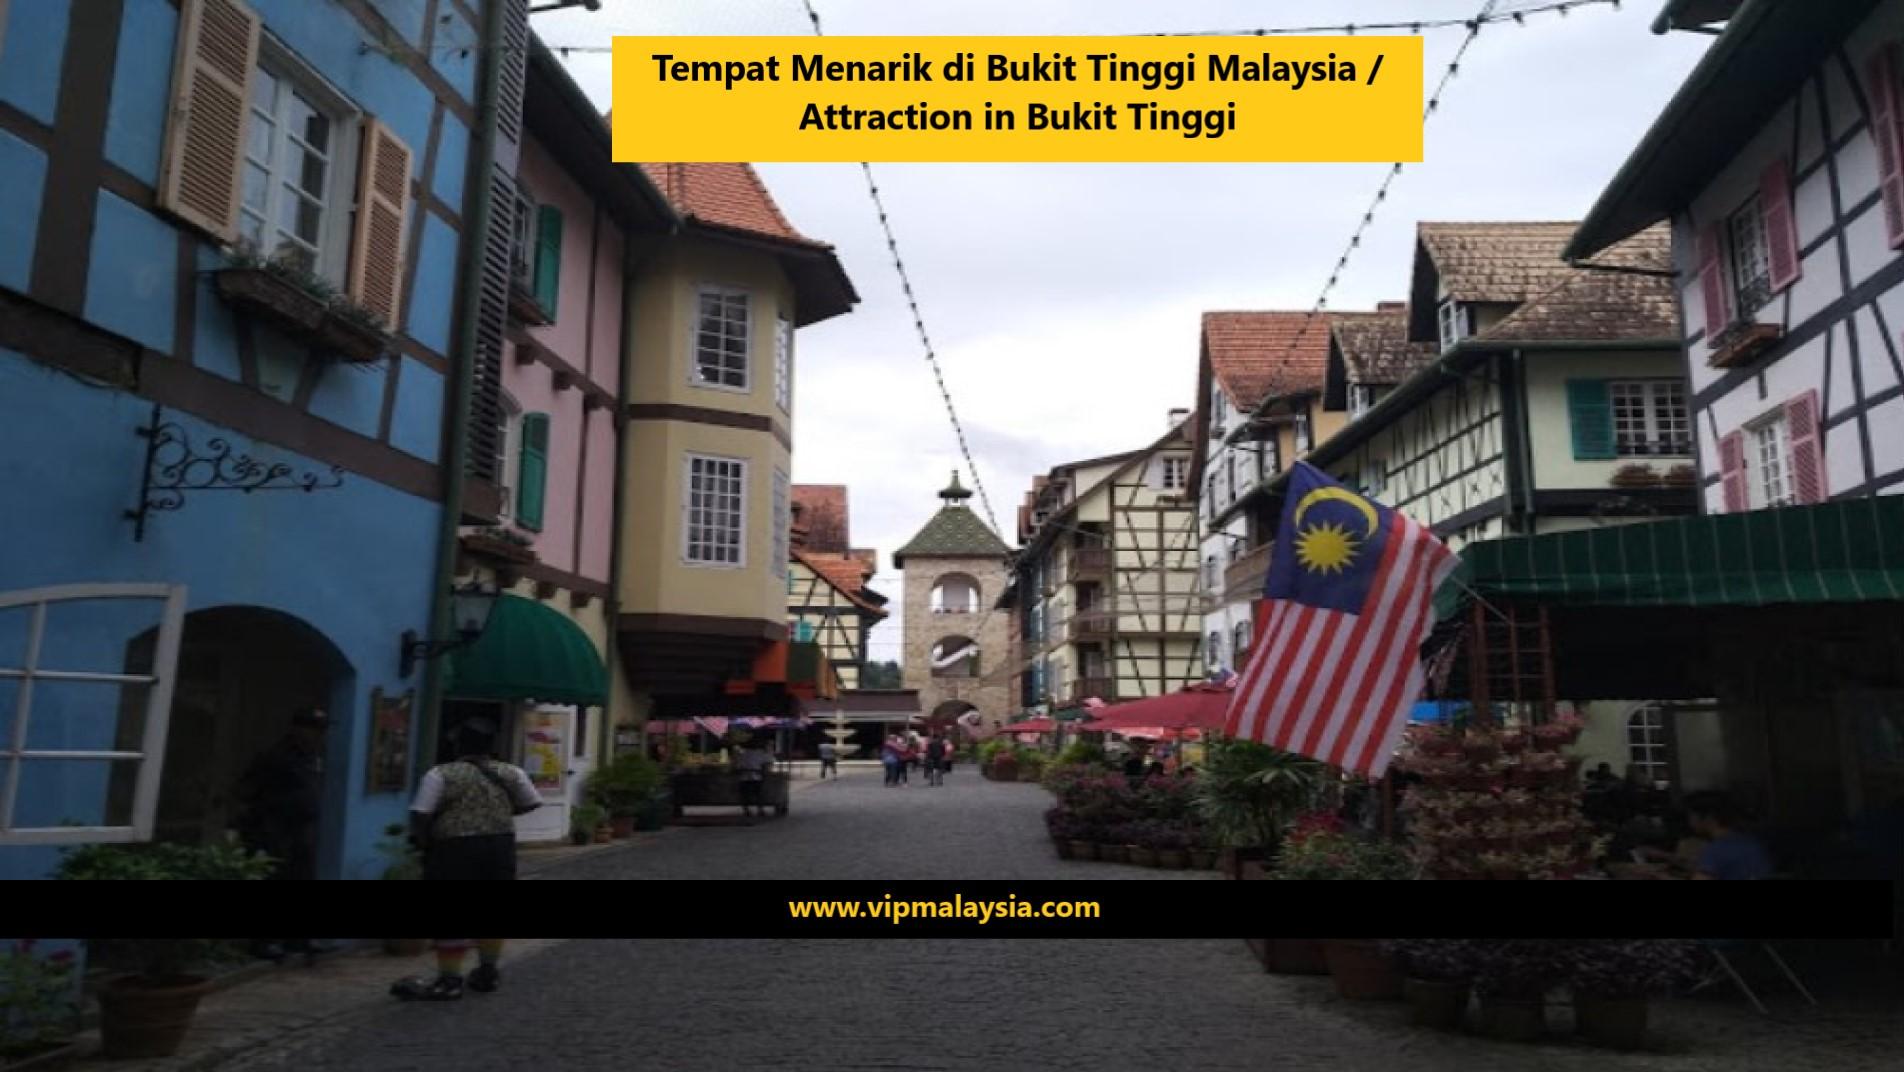 Tempat Menarik di Bukit Tinggi / Attraction in Bukit Tinggi Malaysia